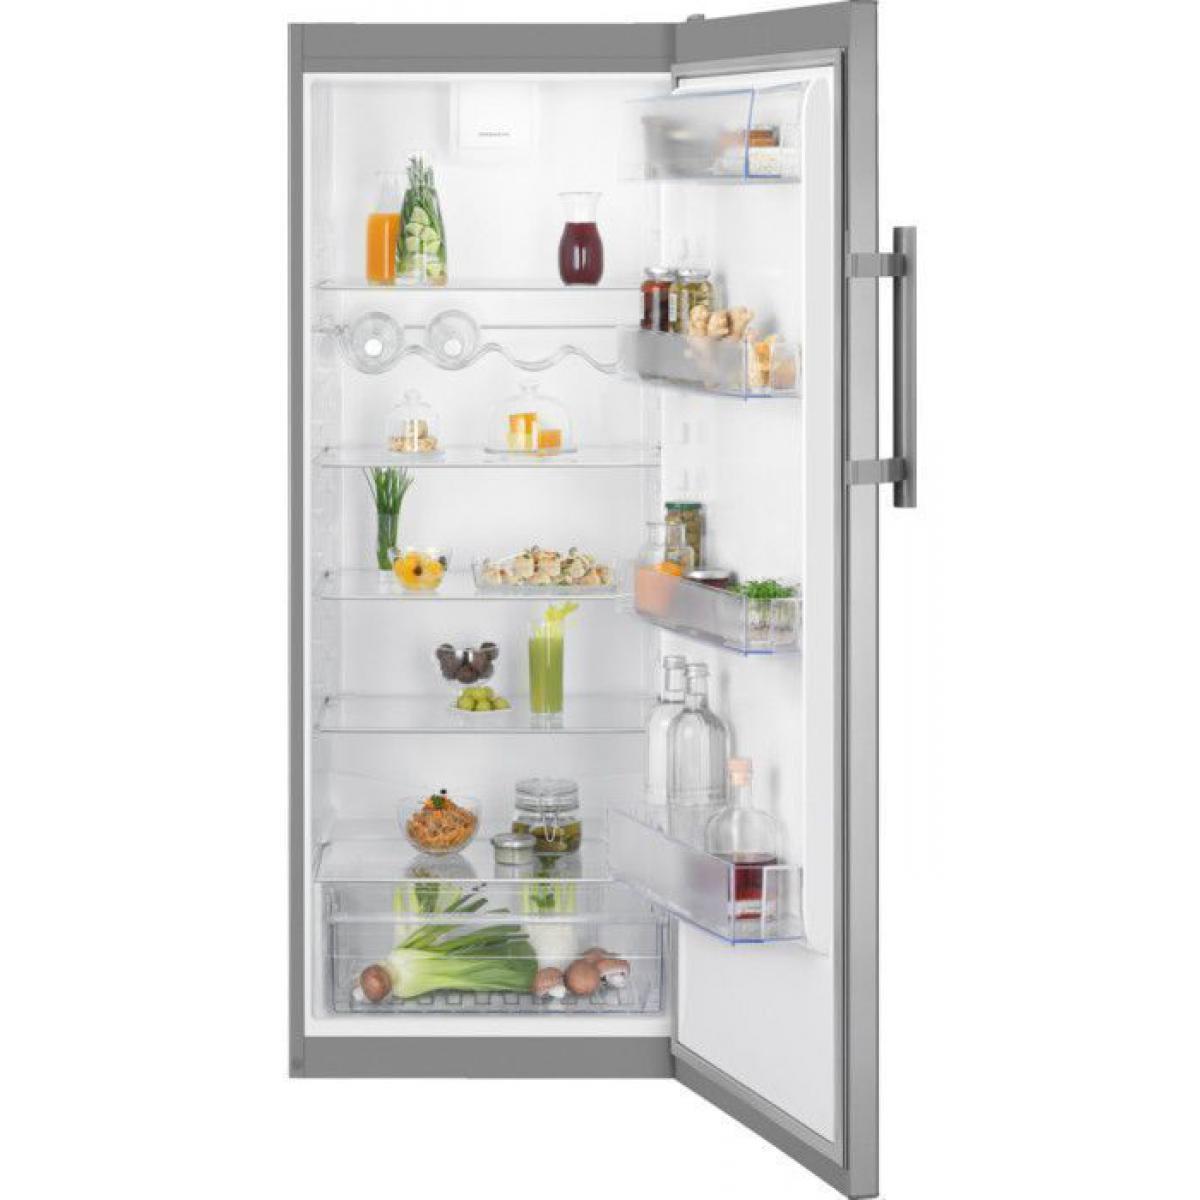 Electrolux Réfrigérateur 1 porte 314L Froid Brassé ELECTROLUX 59cm A+, LRB 1 DF 32 X